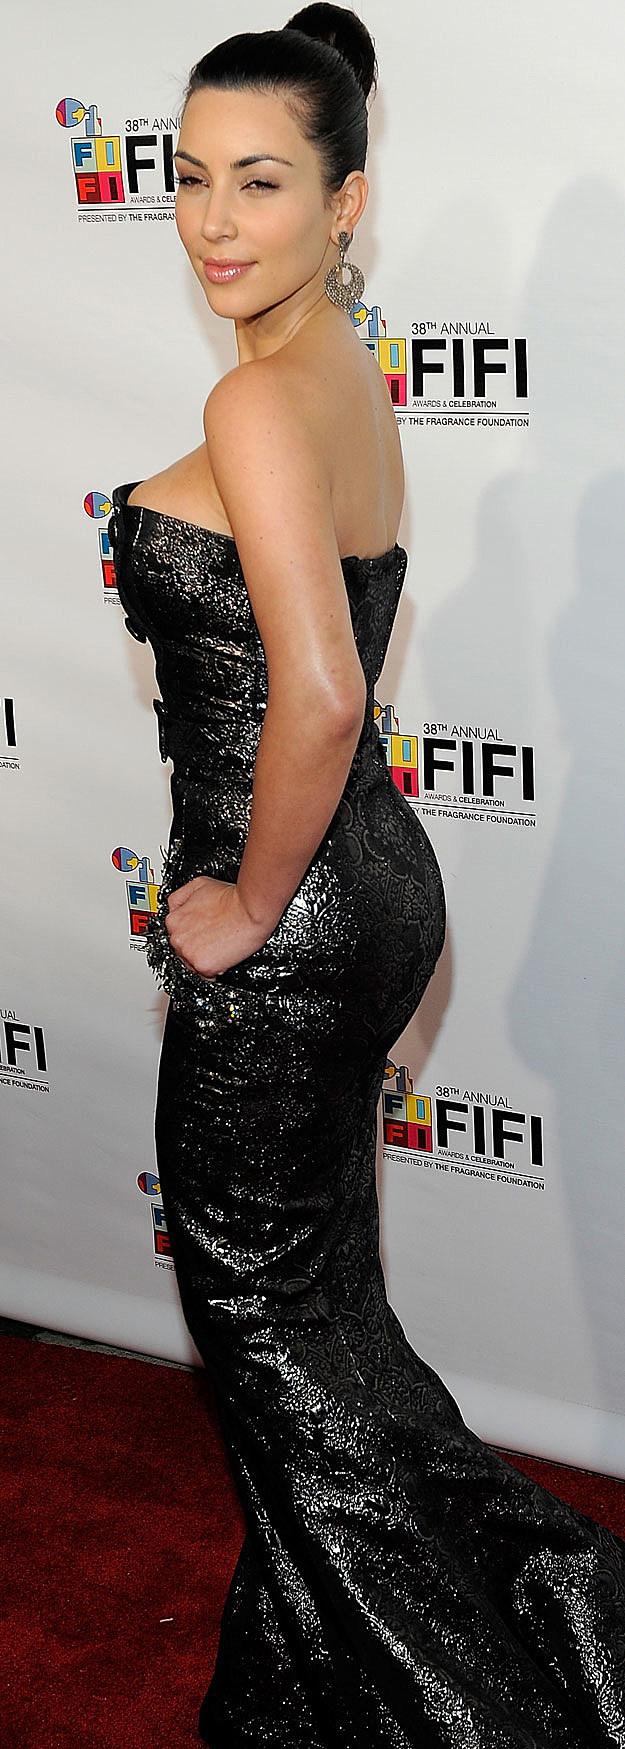 Kim Kardashian curves